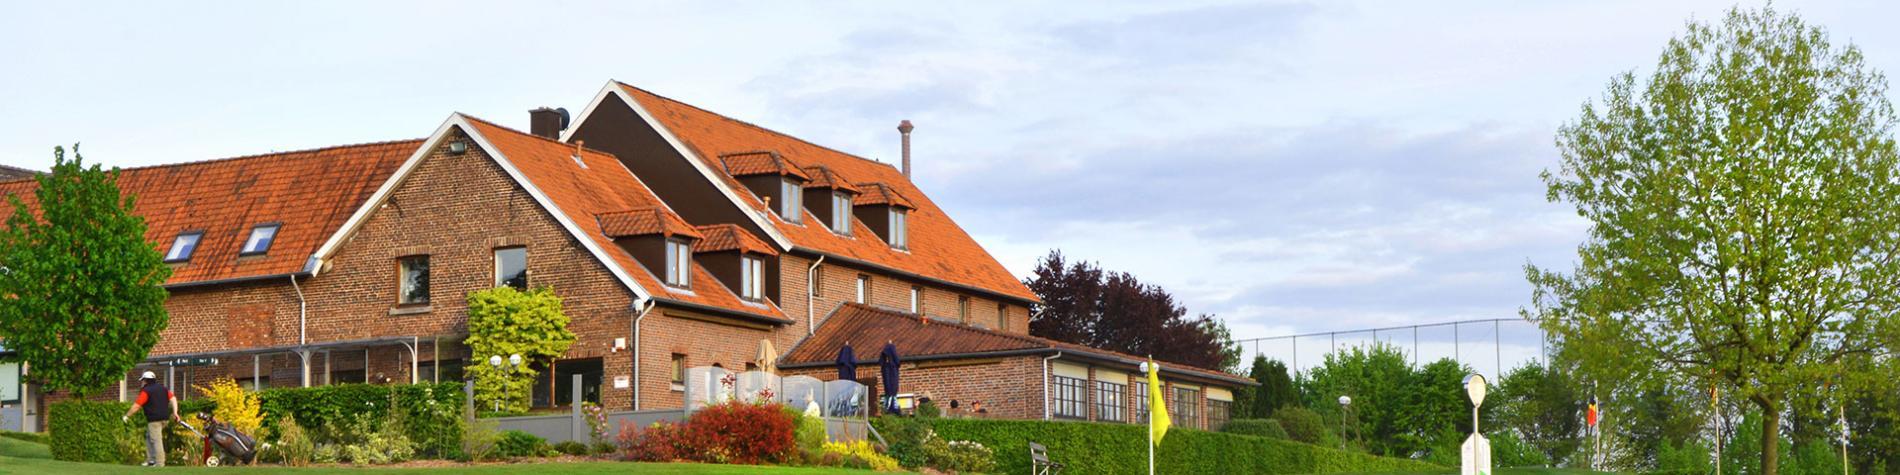 Golf - Hotel Mergelhof - Gemmenich